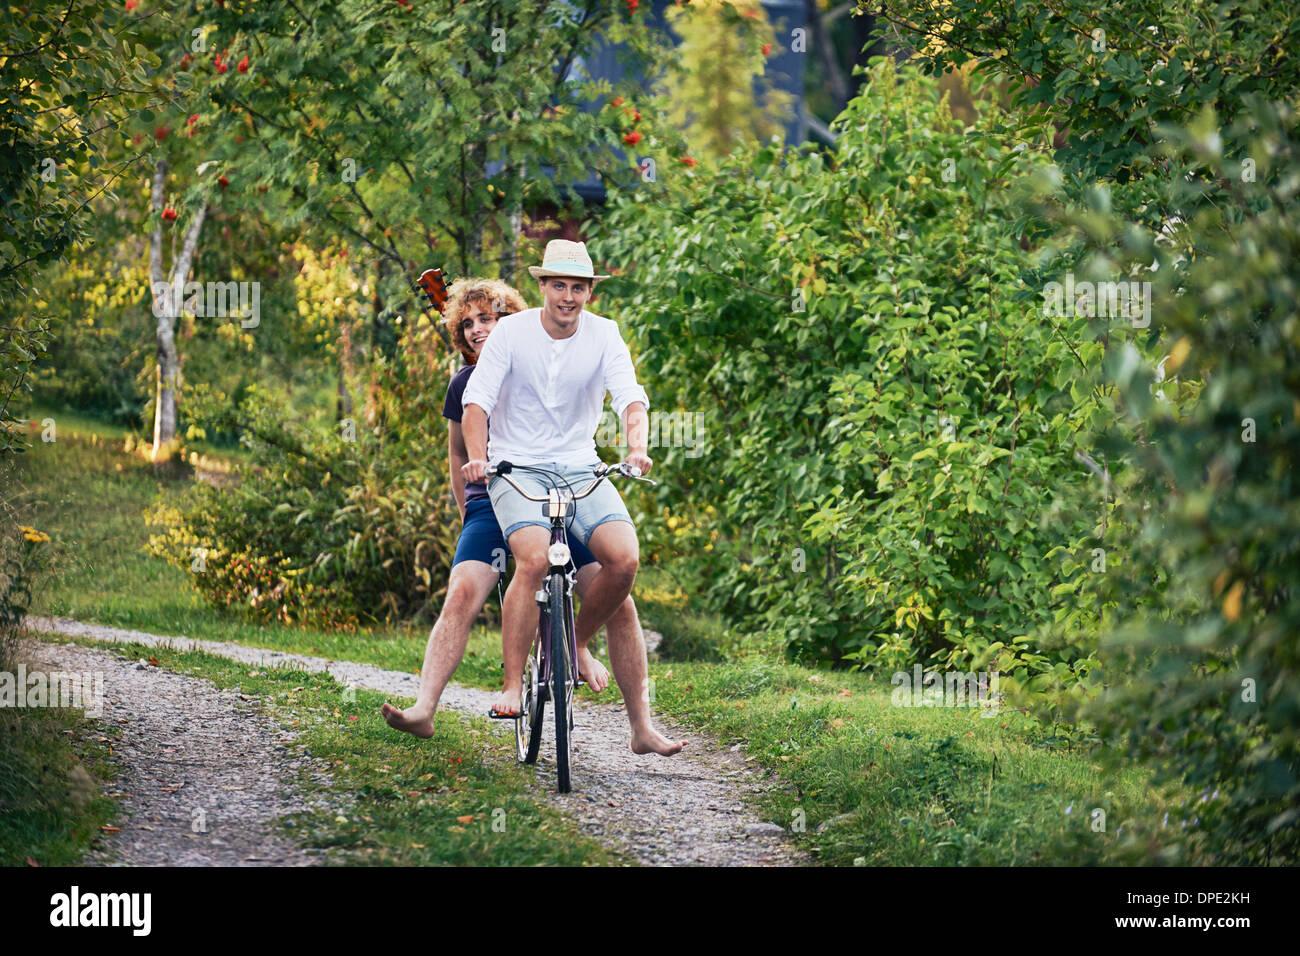 Zwei junge Männer mit Fahrrad barfuß, Hotels, Schweden Stockbild